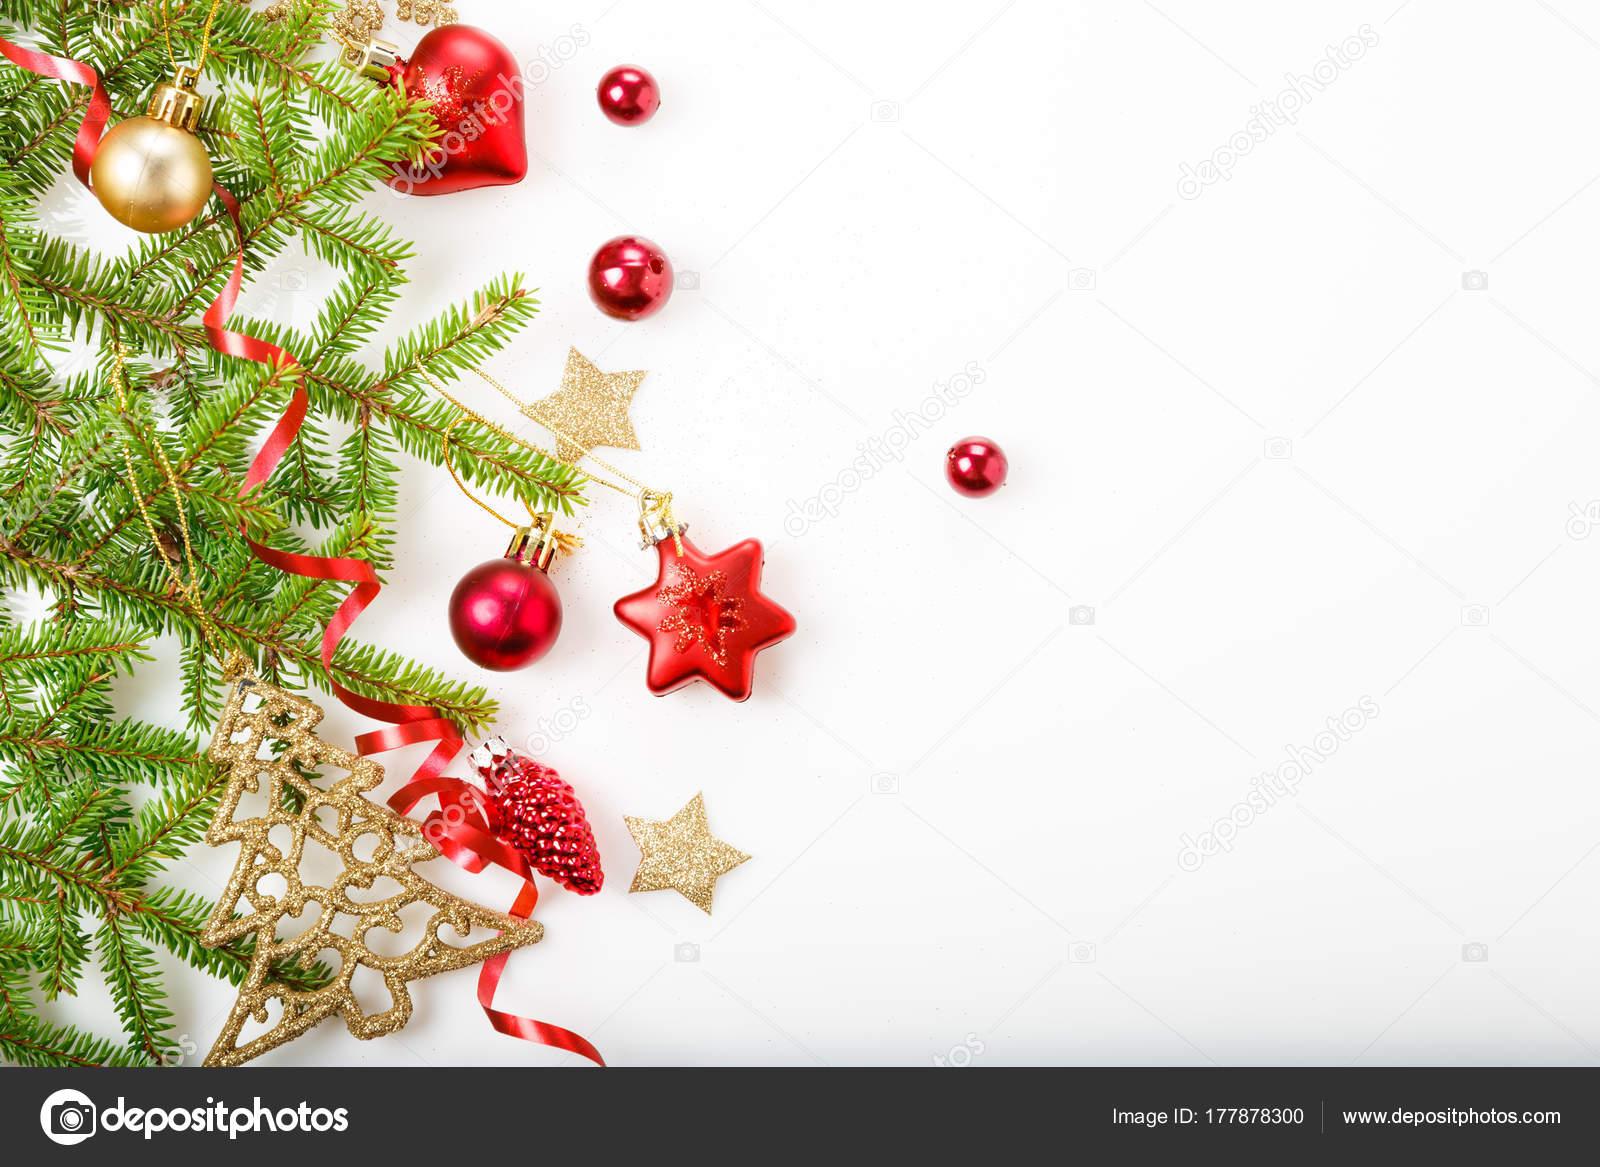 Dibujos De Navidad Creativos.Publicidad Navidad Creativa Composicion De Vacaciones De